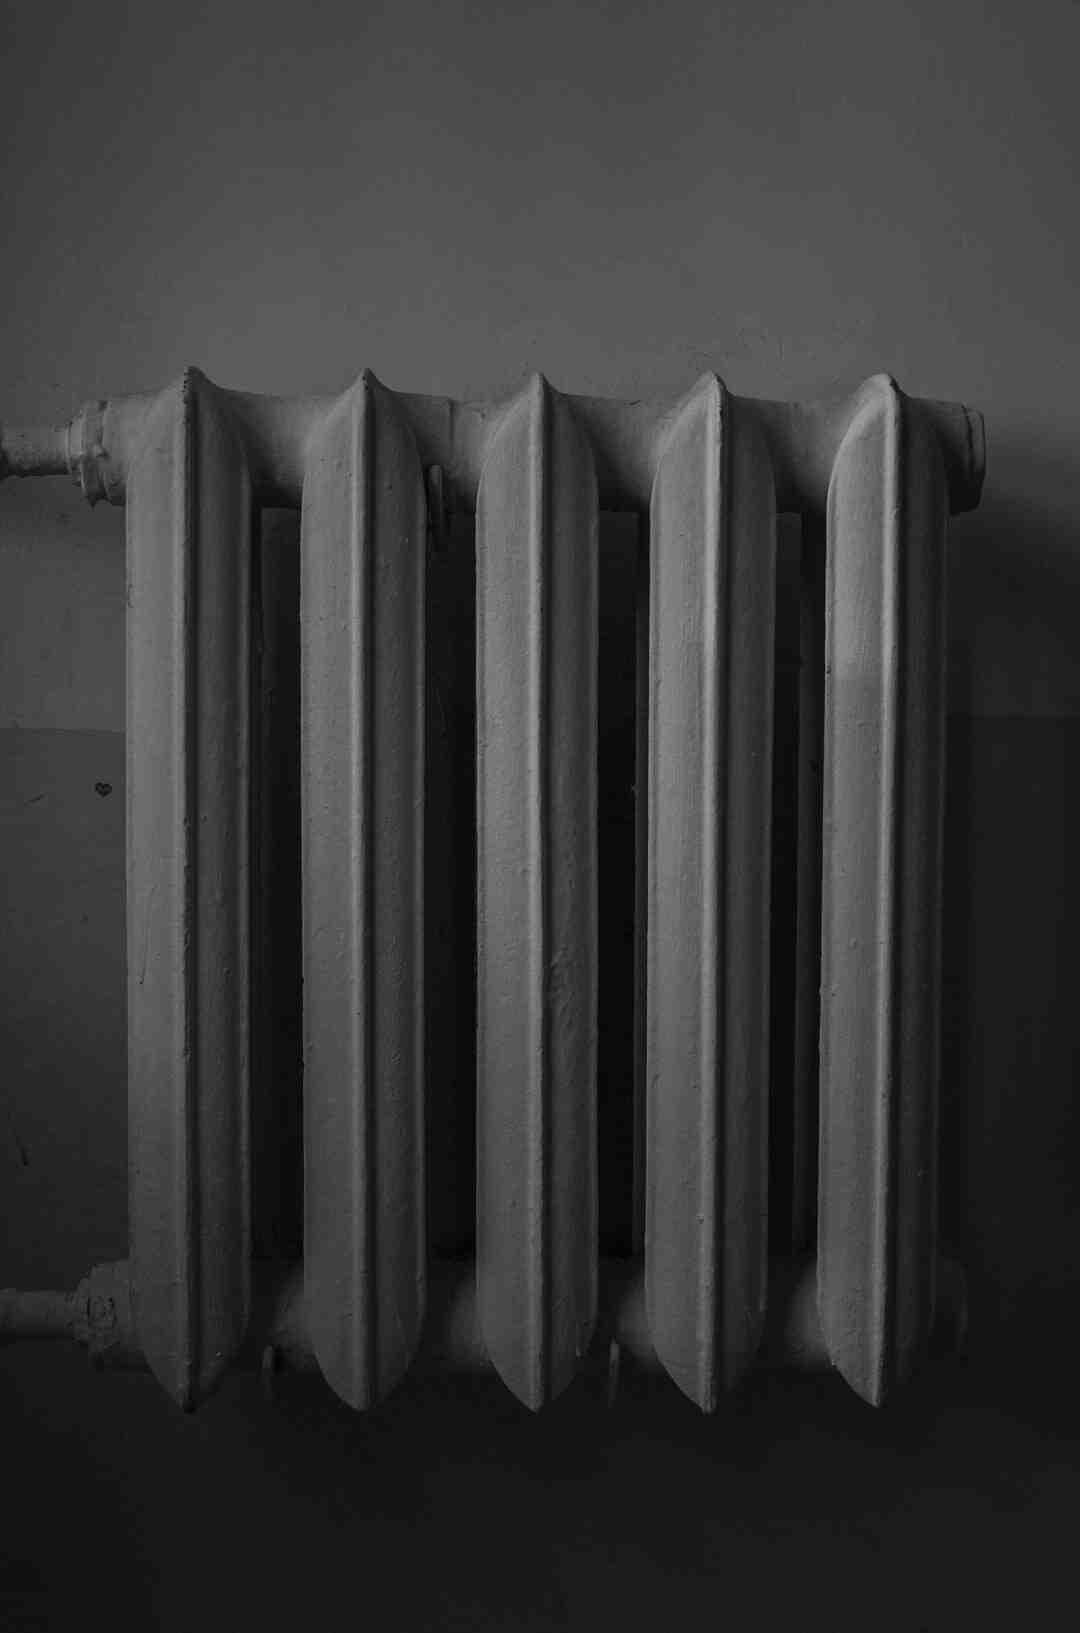 Comment condamner un radiateur qui fuit